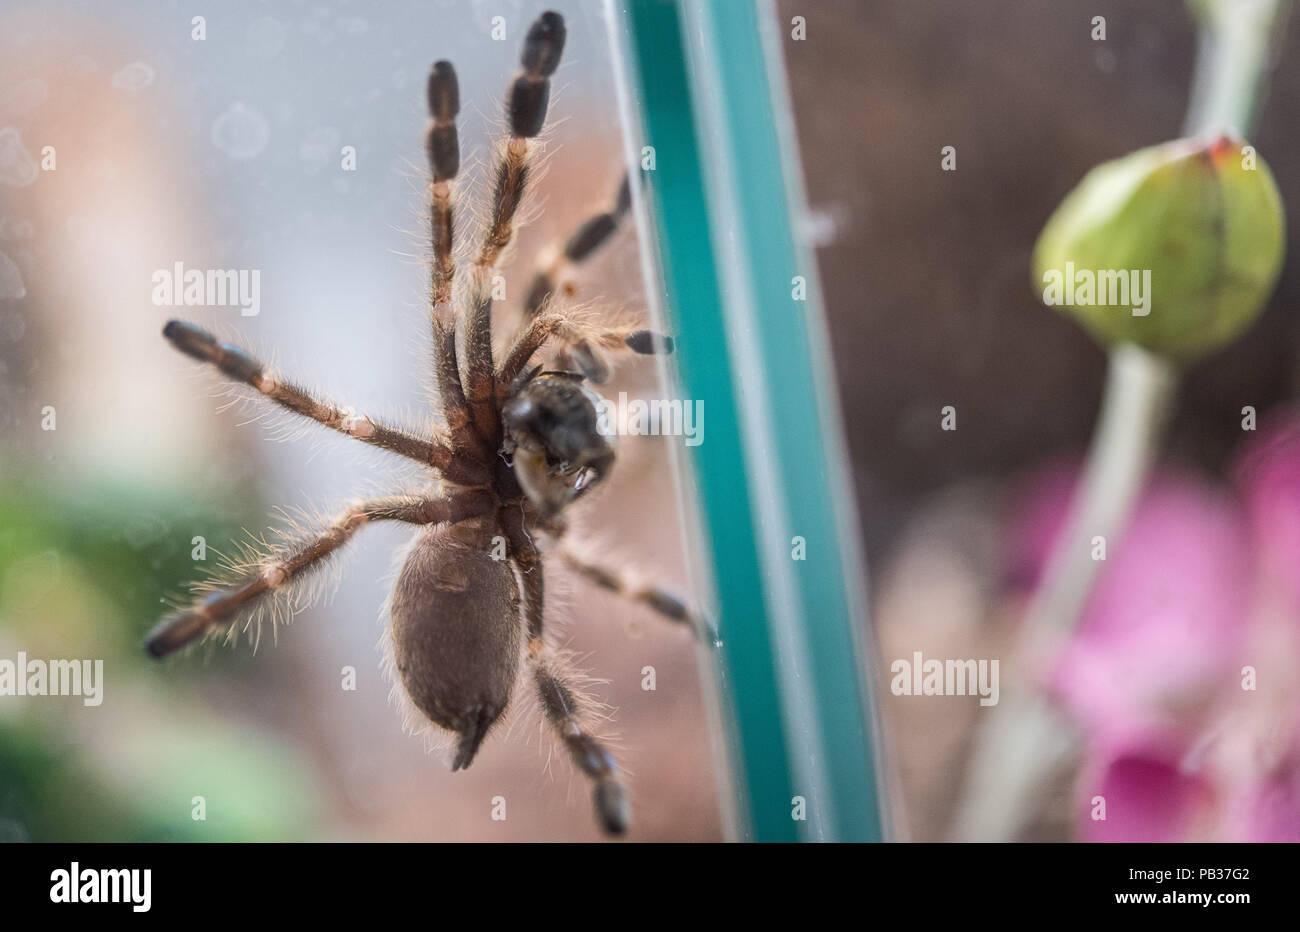 tarantula on human stock photos tarantula on human stock images